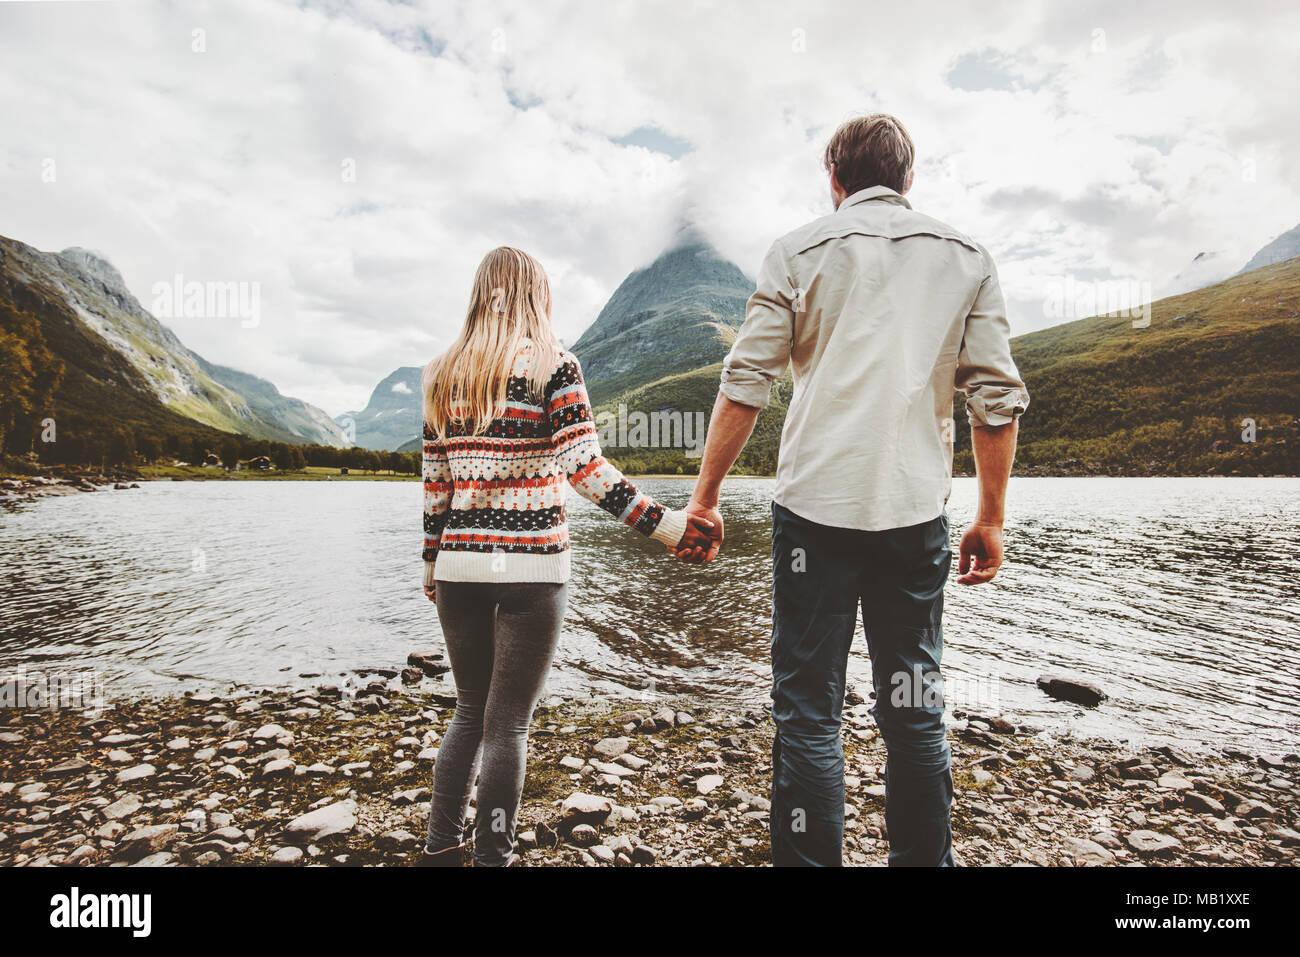 Par el hombre y la mujer tomados de la mano disfrutando de las montañas y el lago ver familia viajando juntos de aventuras al aire libre vacaciones en concepto de estilo de vida Imagen De Stock